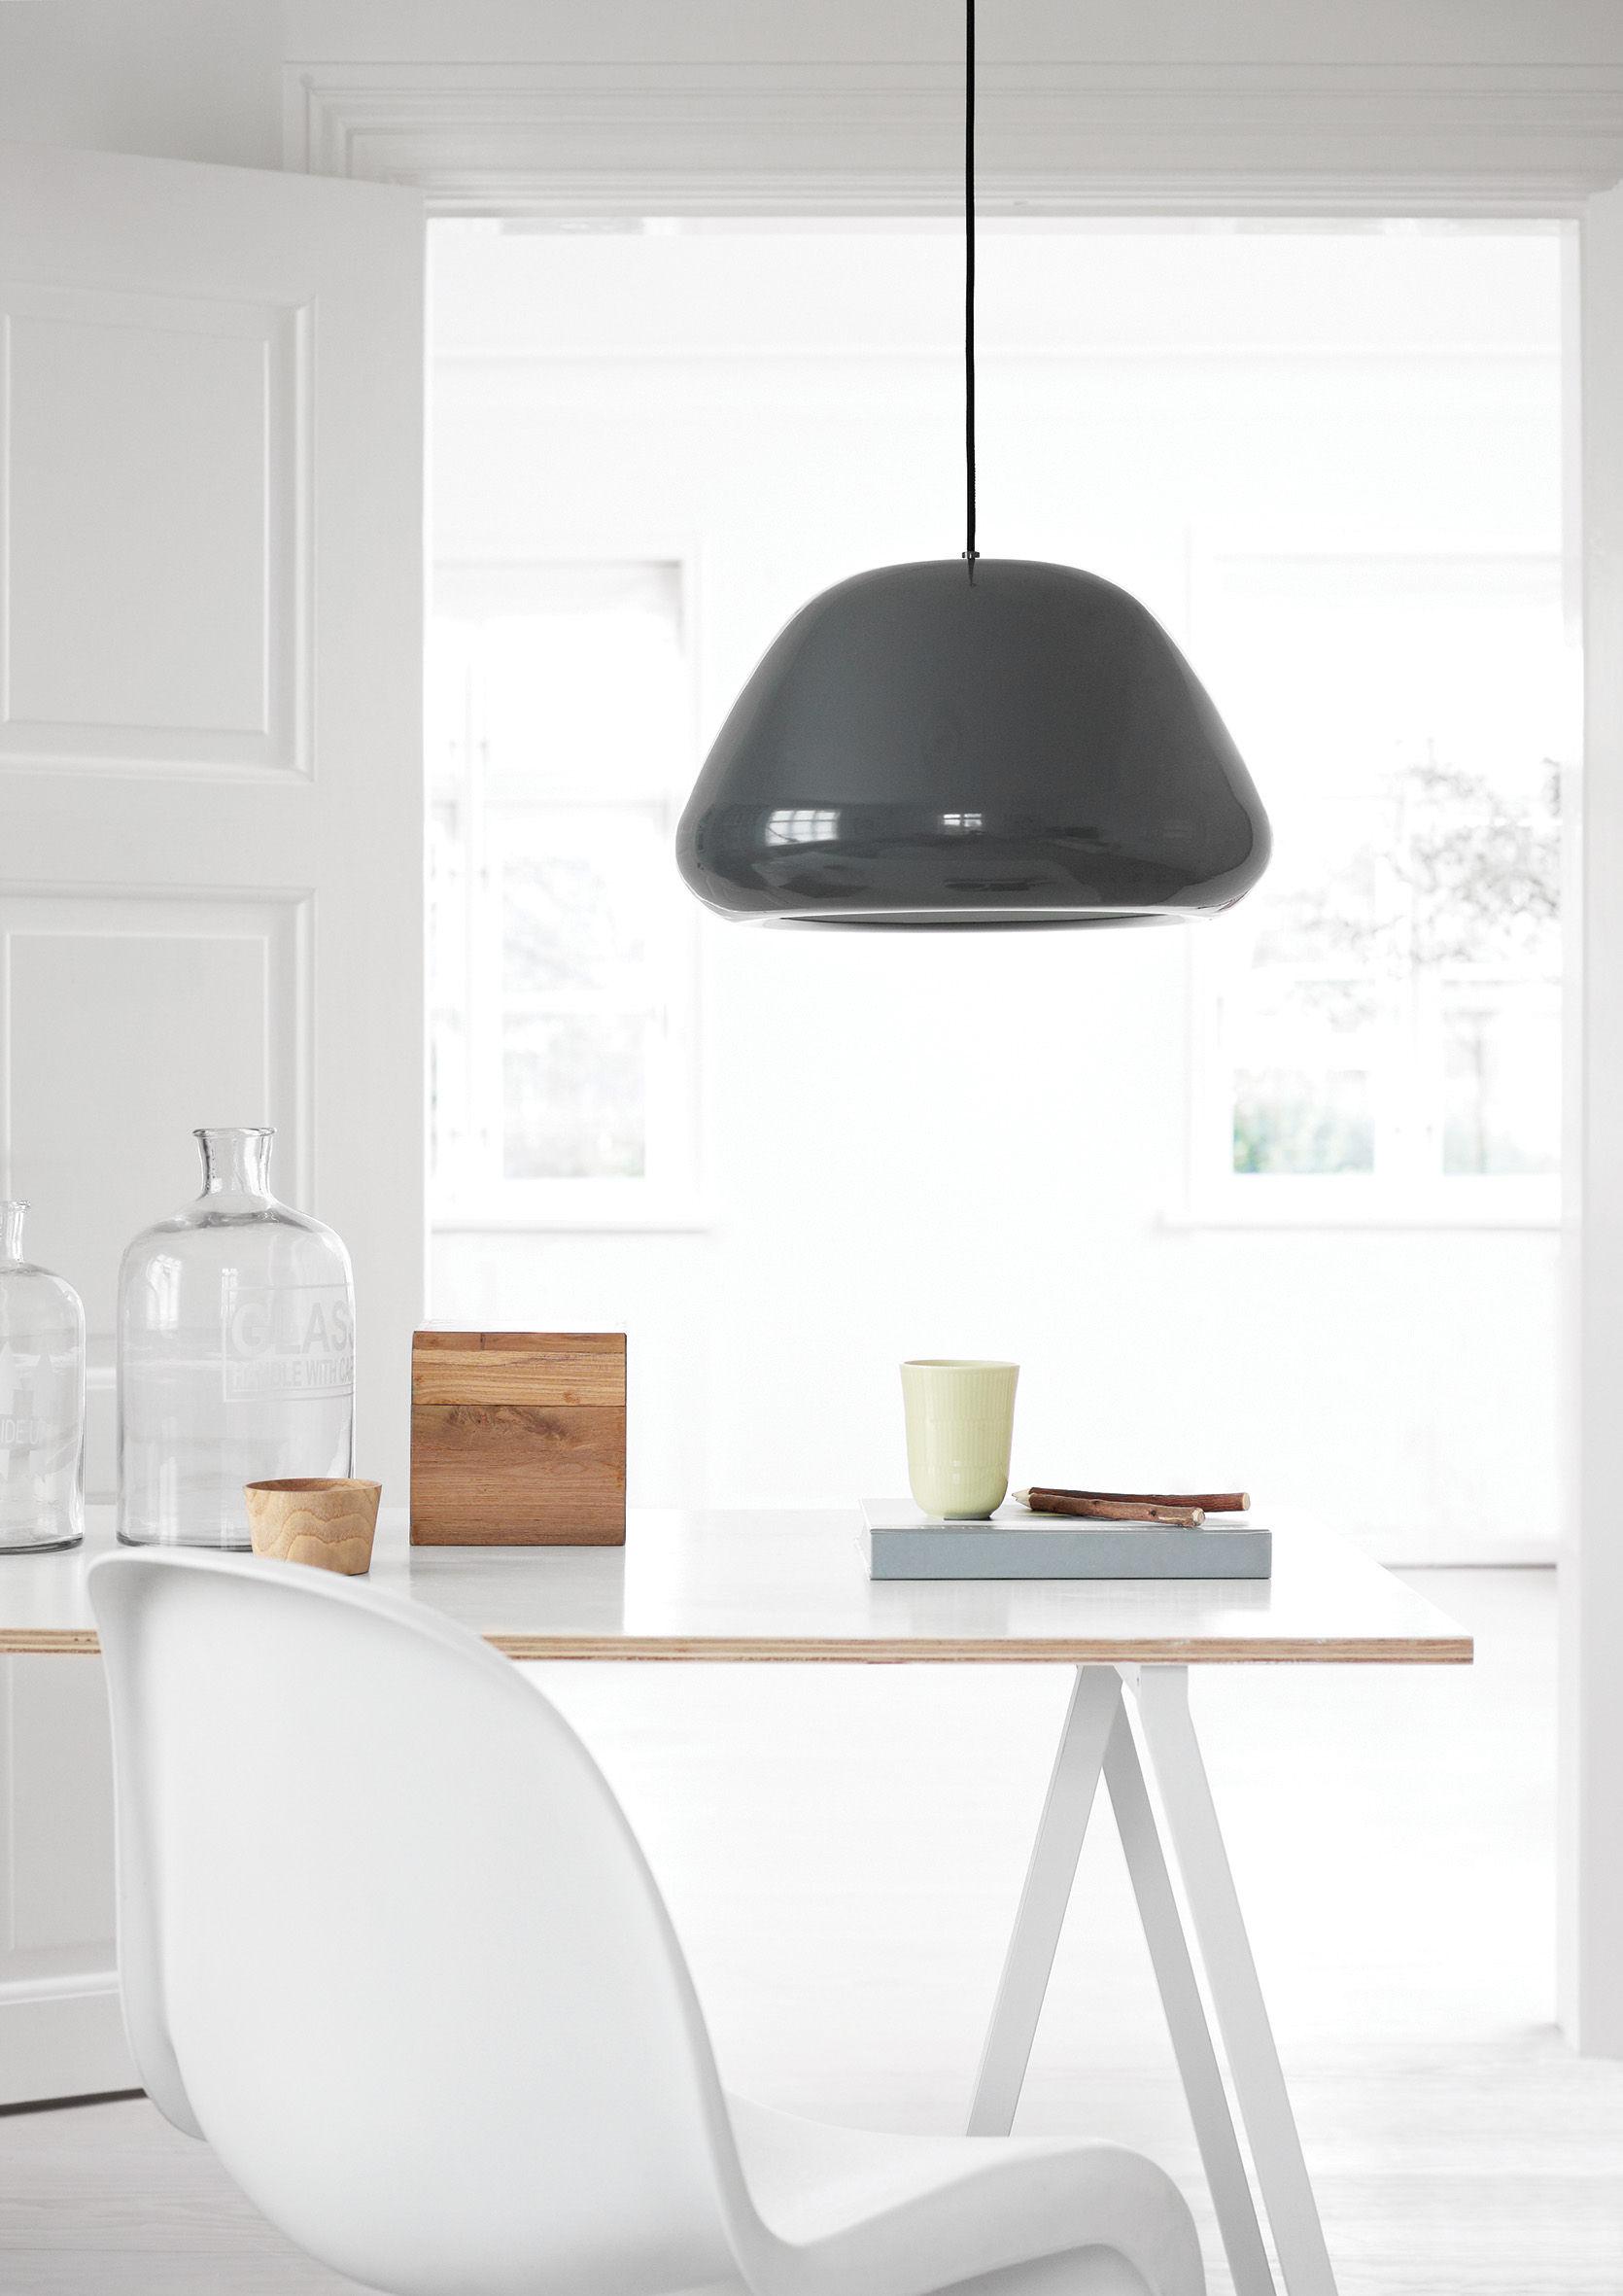 suspension soft dog small 33 cm blanc mat frandsen made in design. Black Bedroom Furniture Sets. Home Design Ideas